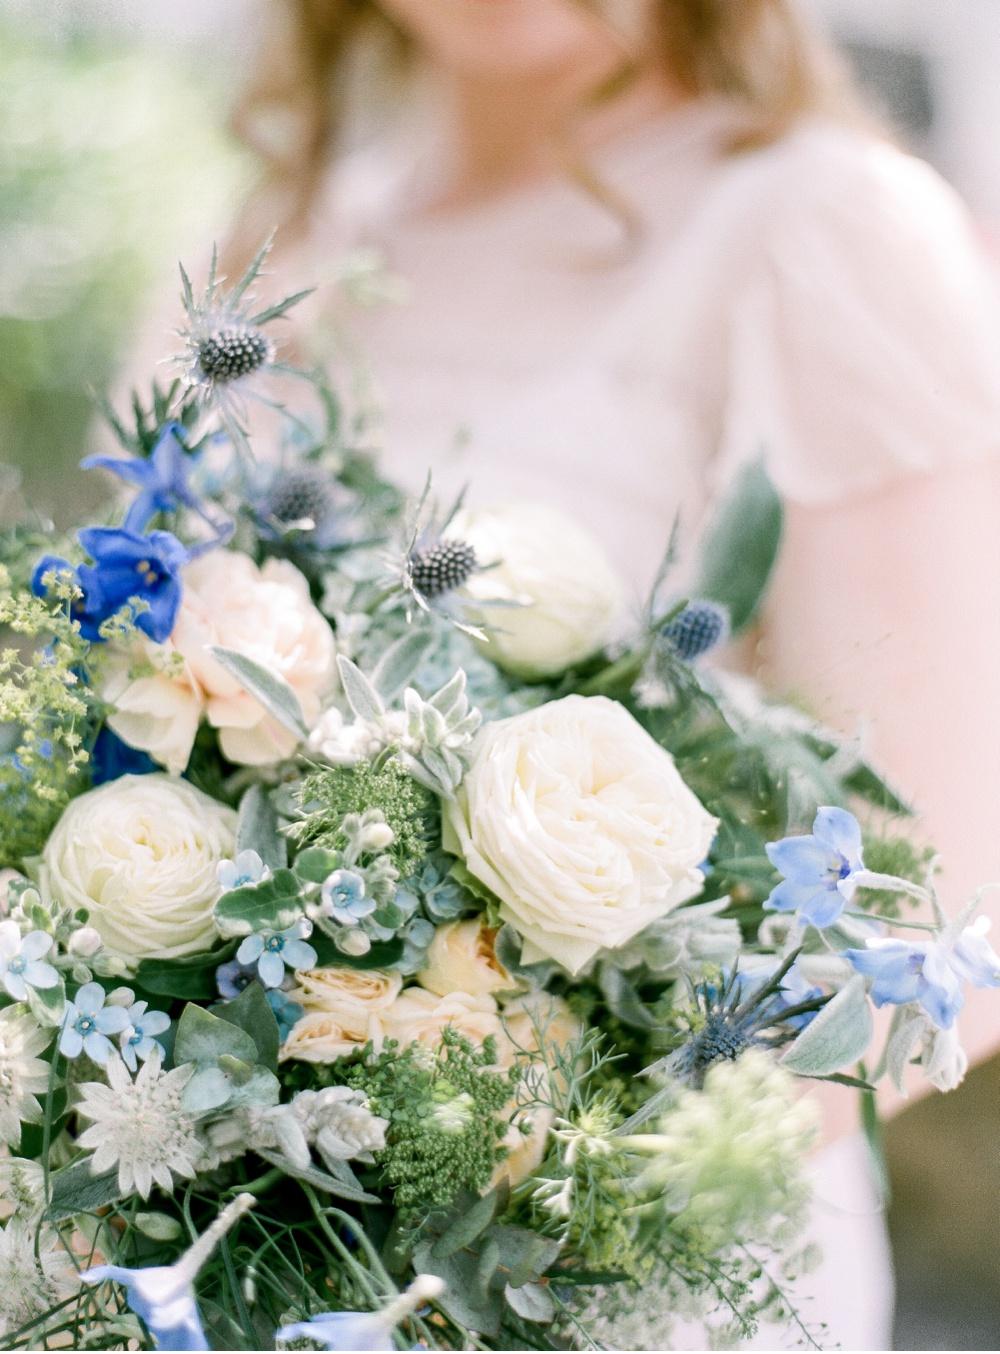 Wedding_Photographer_Tuscany©MadalinaSheldon_0009.jpg